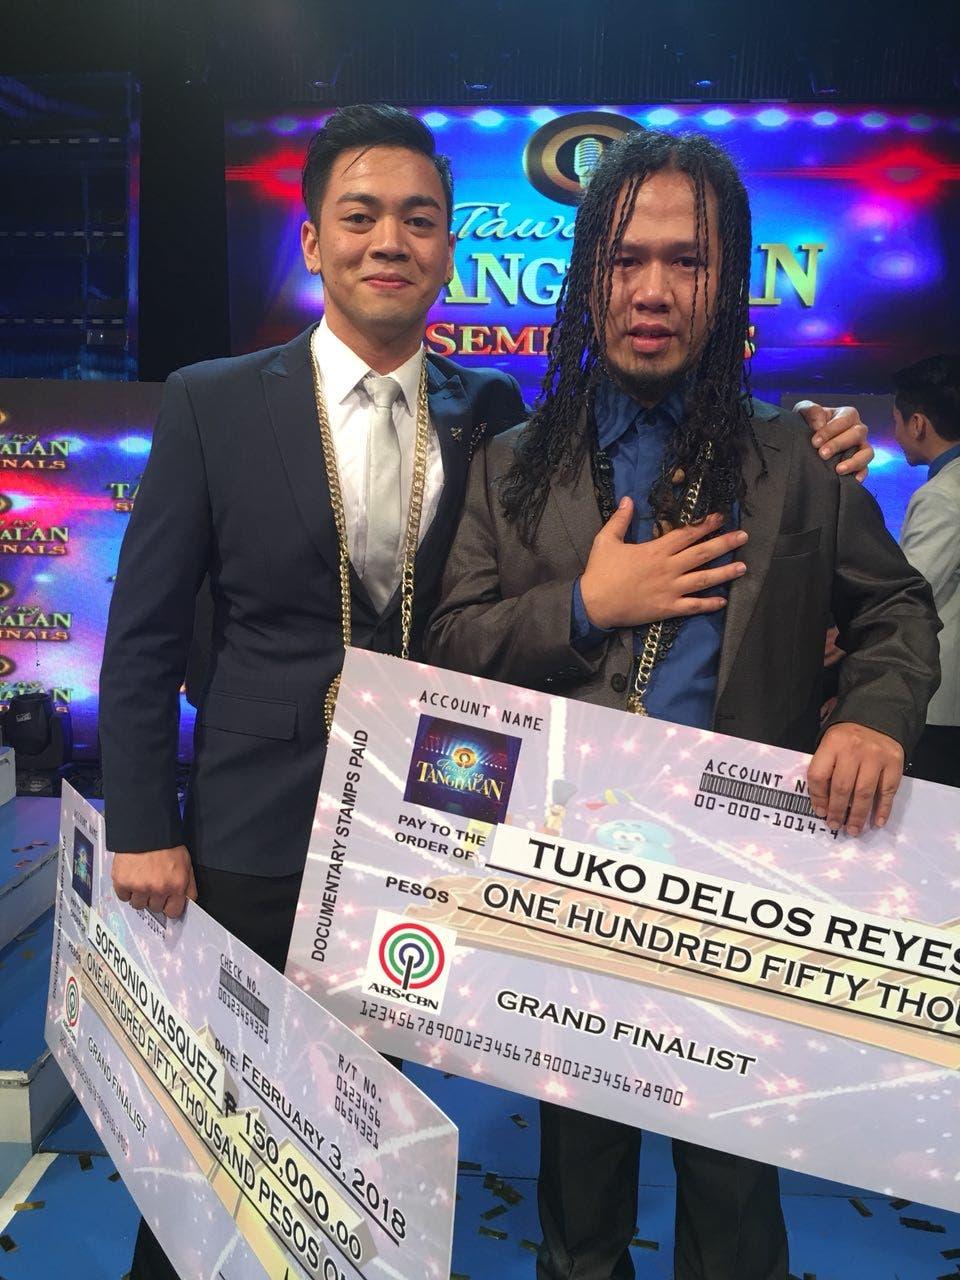 Tuko and Sofronio Make It to 'Tawag ng Tanghalan' Grand